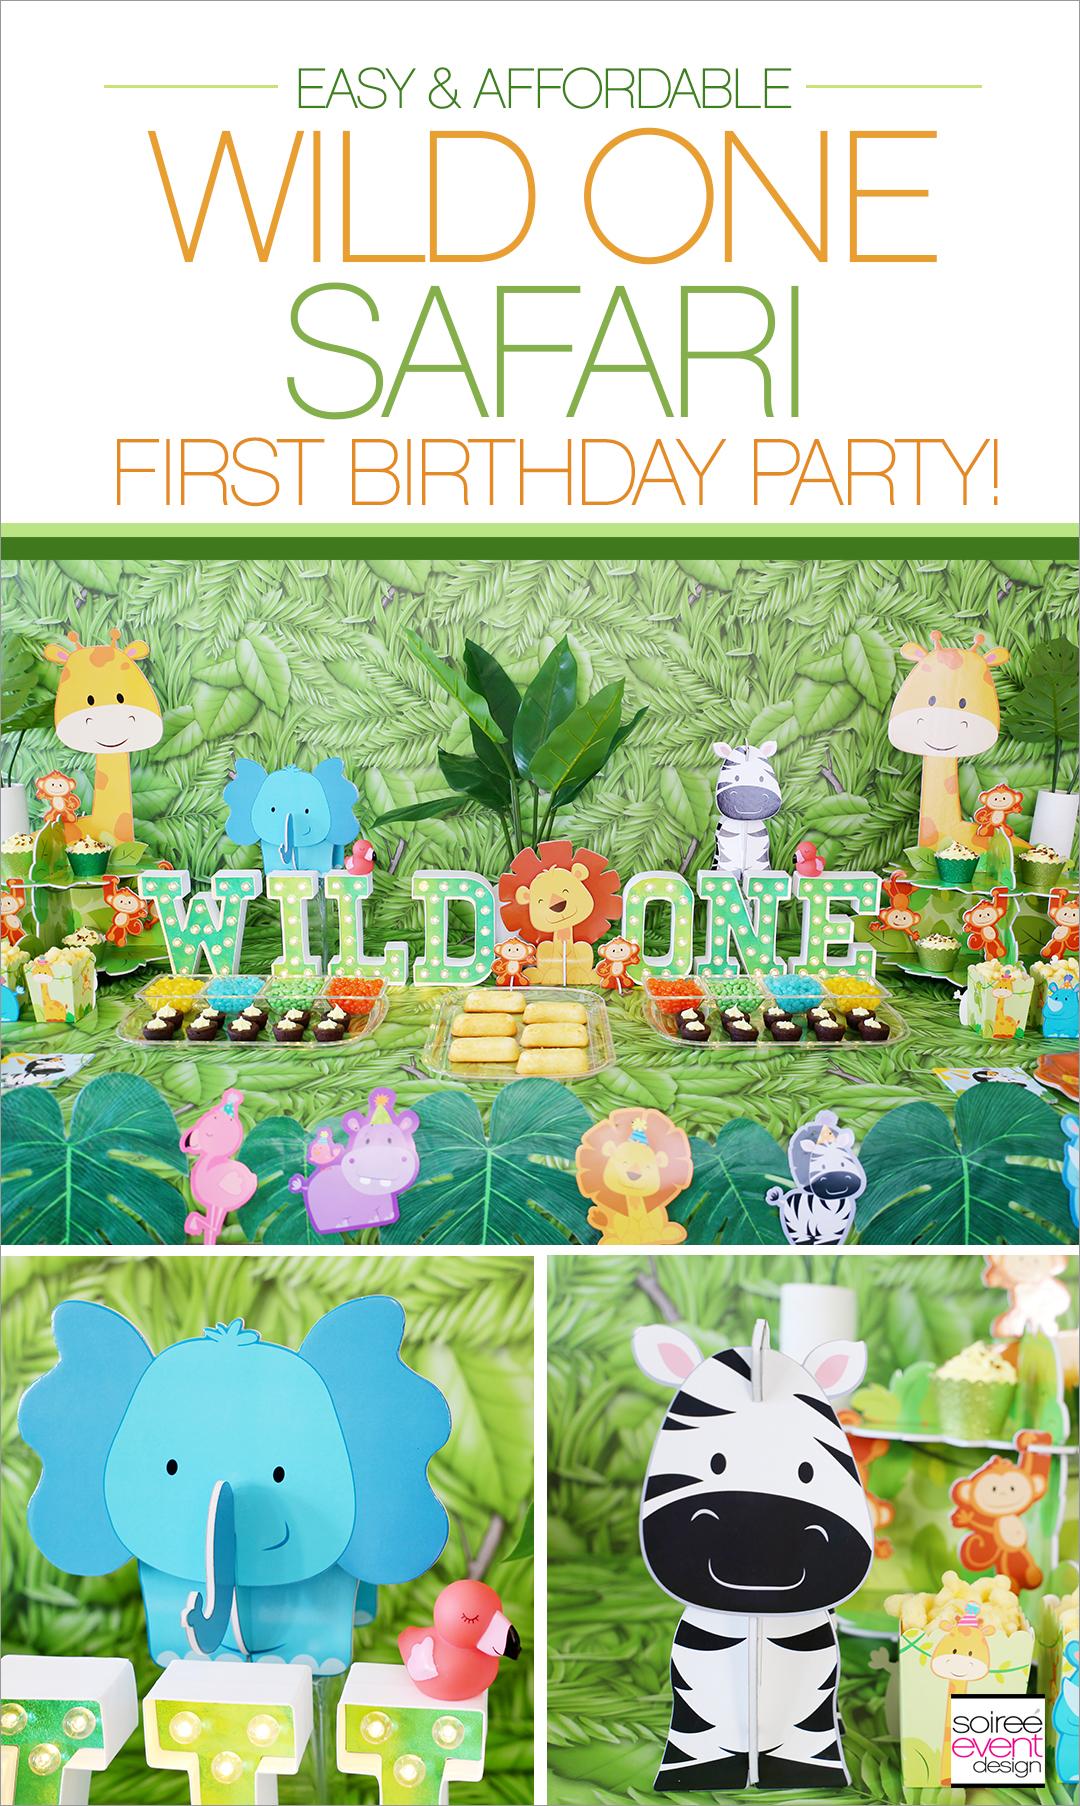 Wild ONE Safari First Birthday Party Ideas